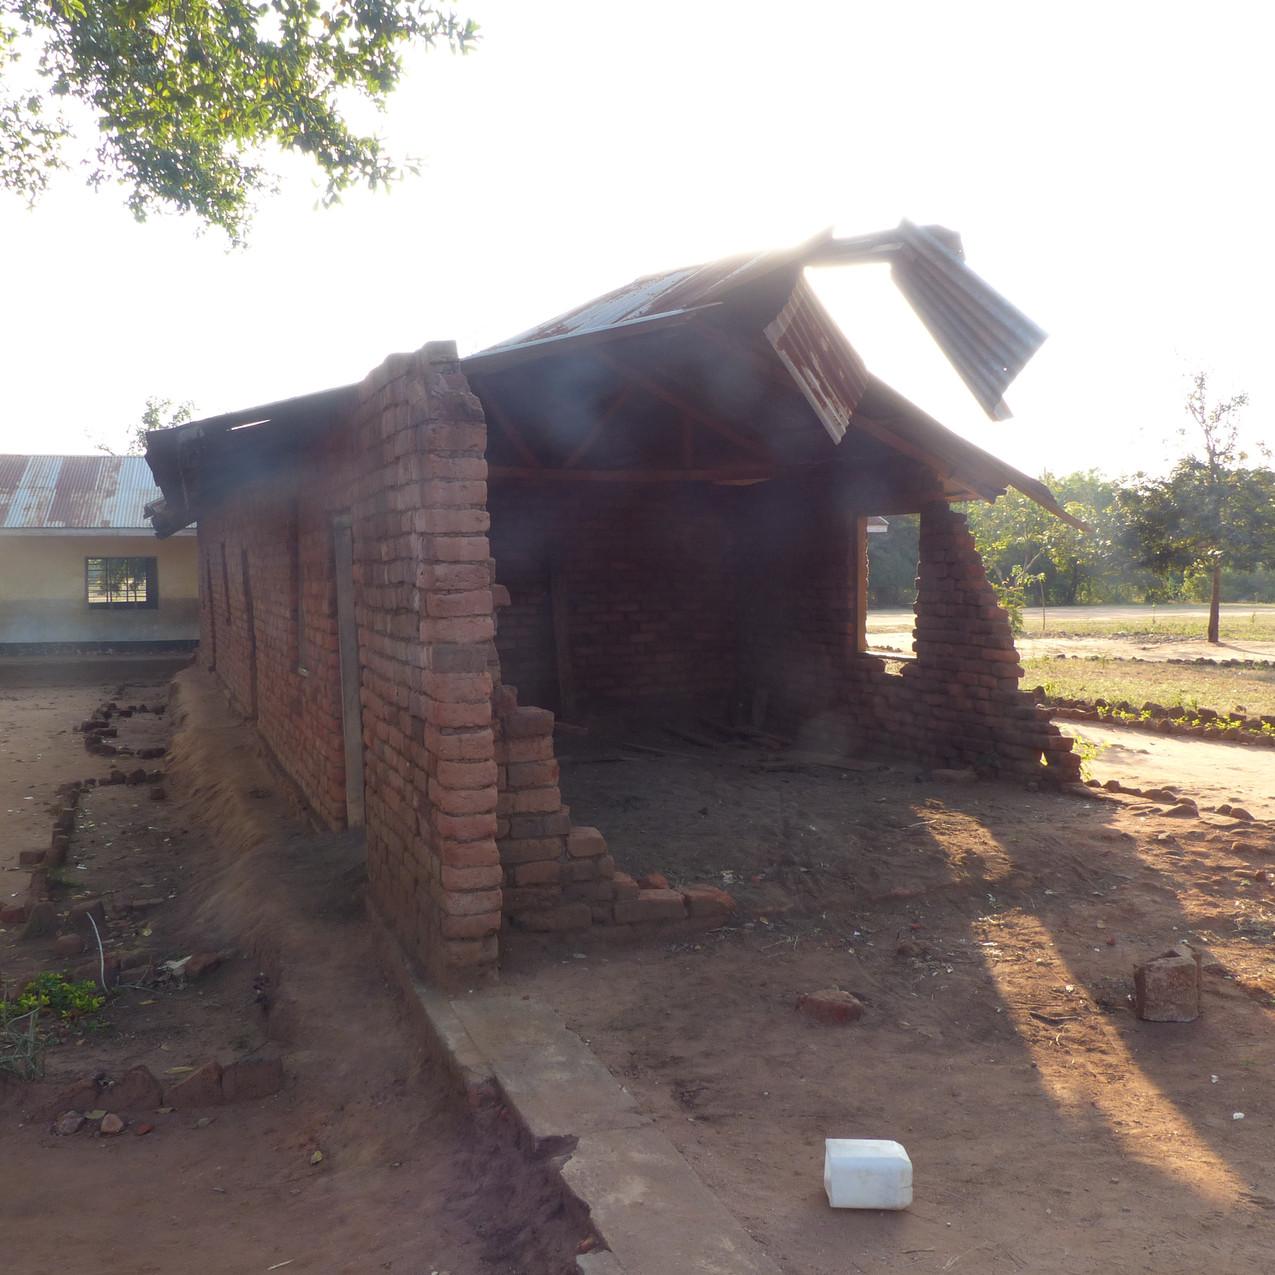 初回訪問時の崩壊した教室